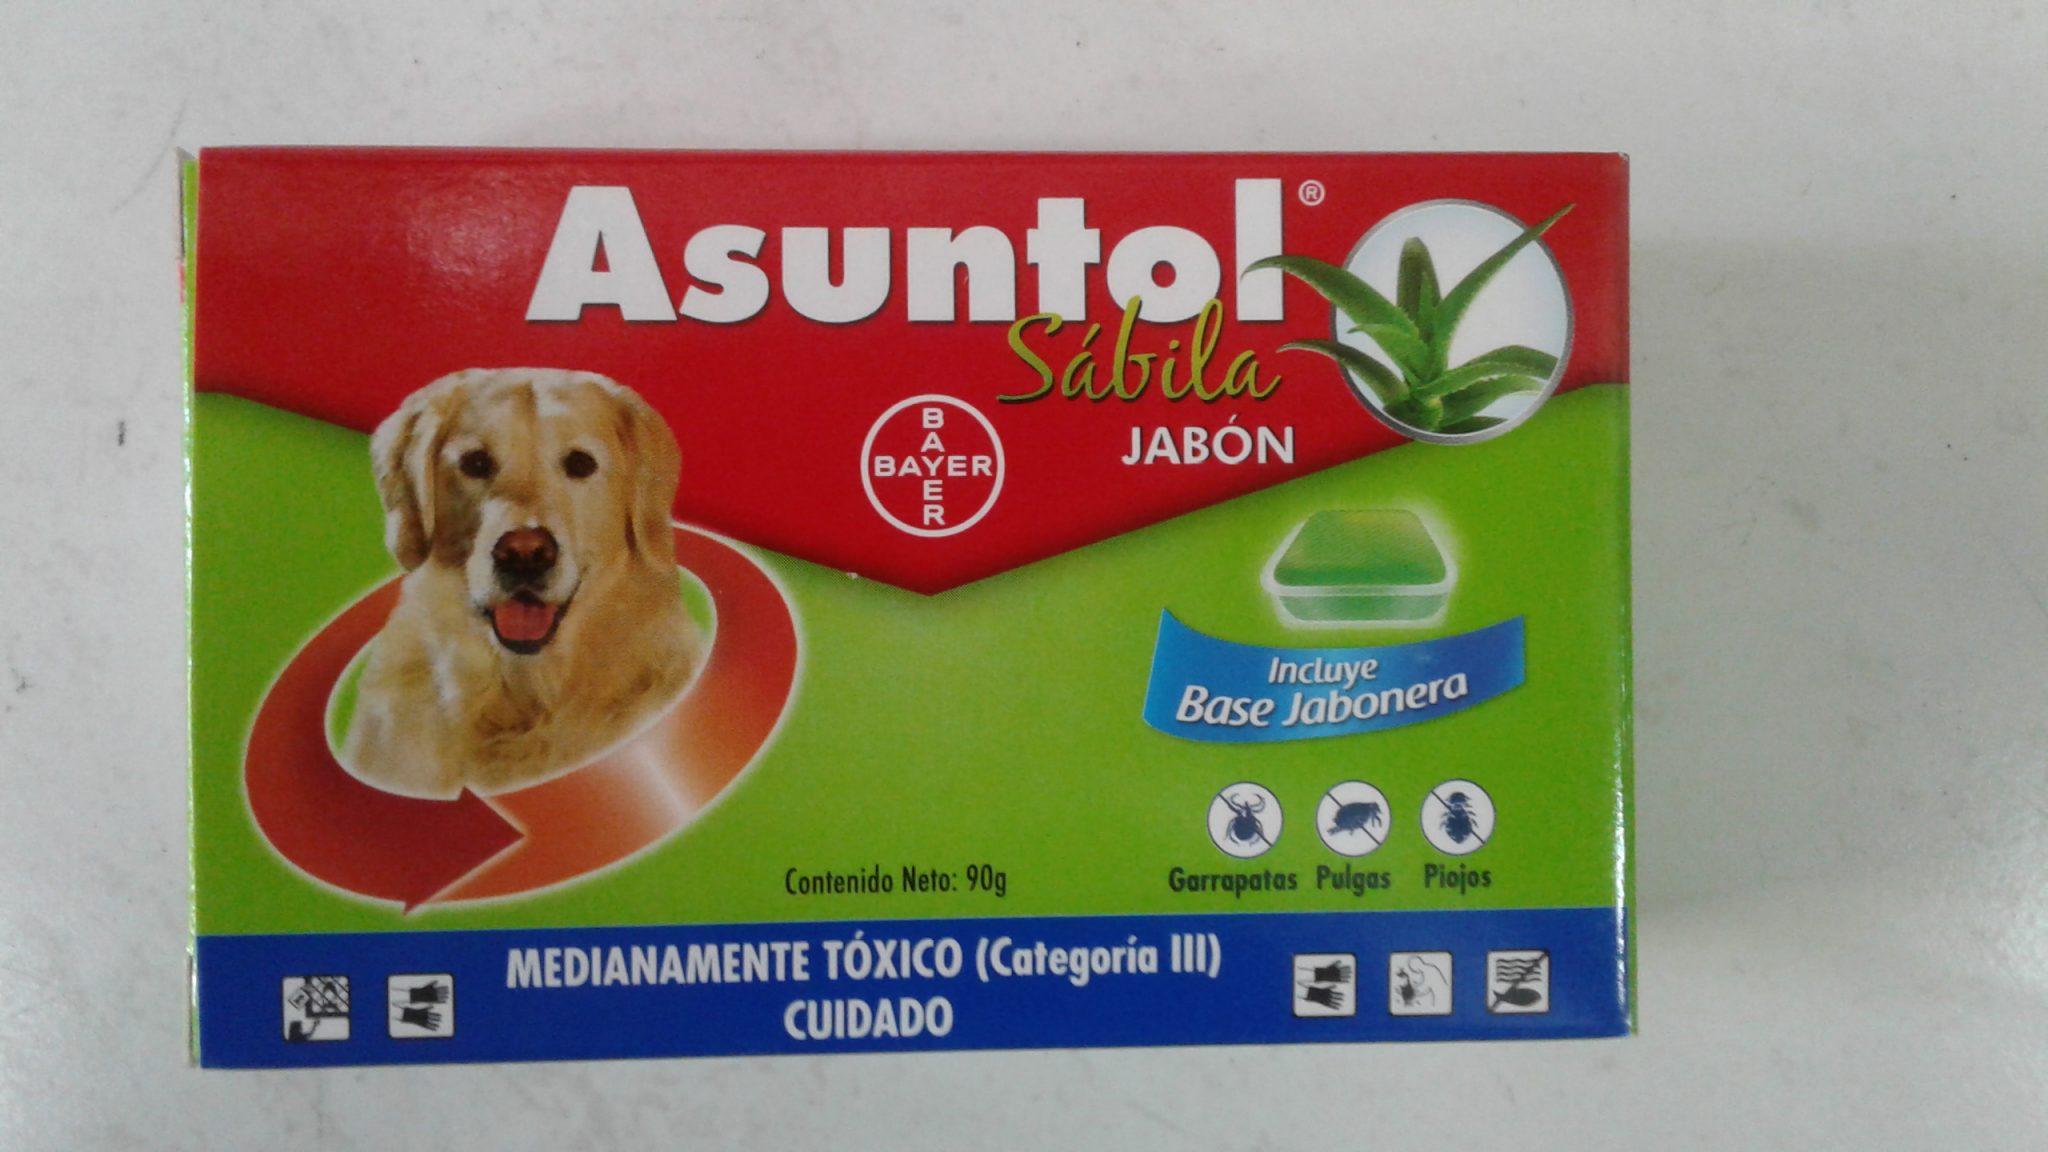 ASUNTOL JABON SABILA X 90 GR BAYER